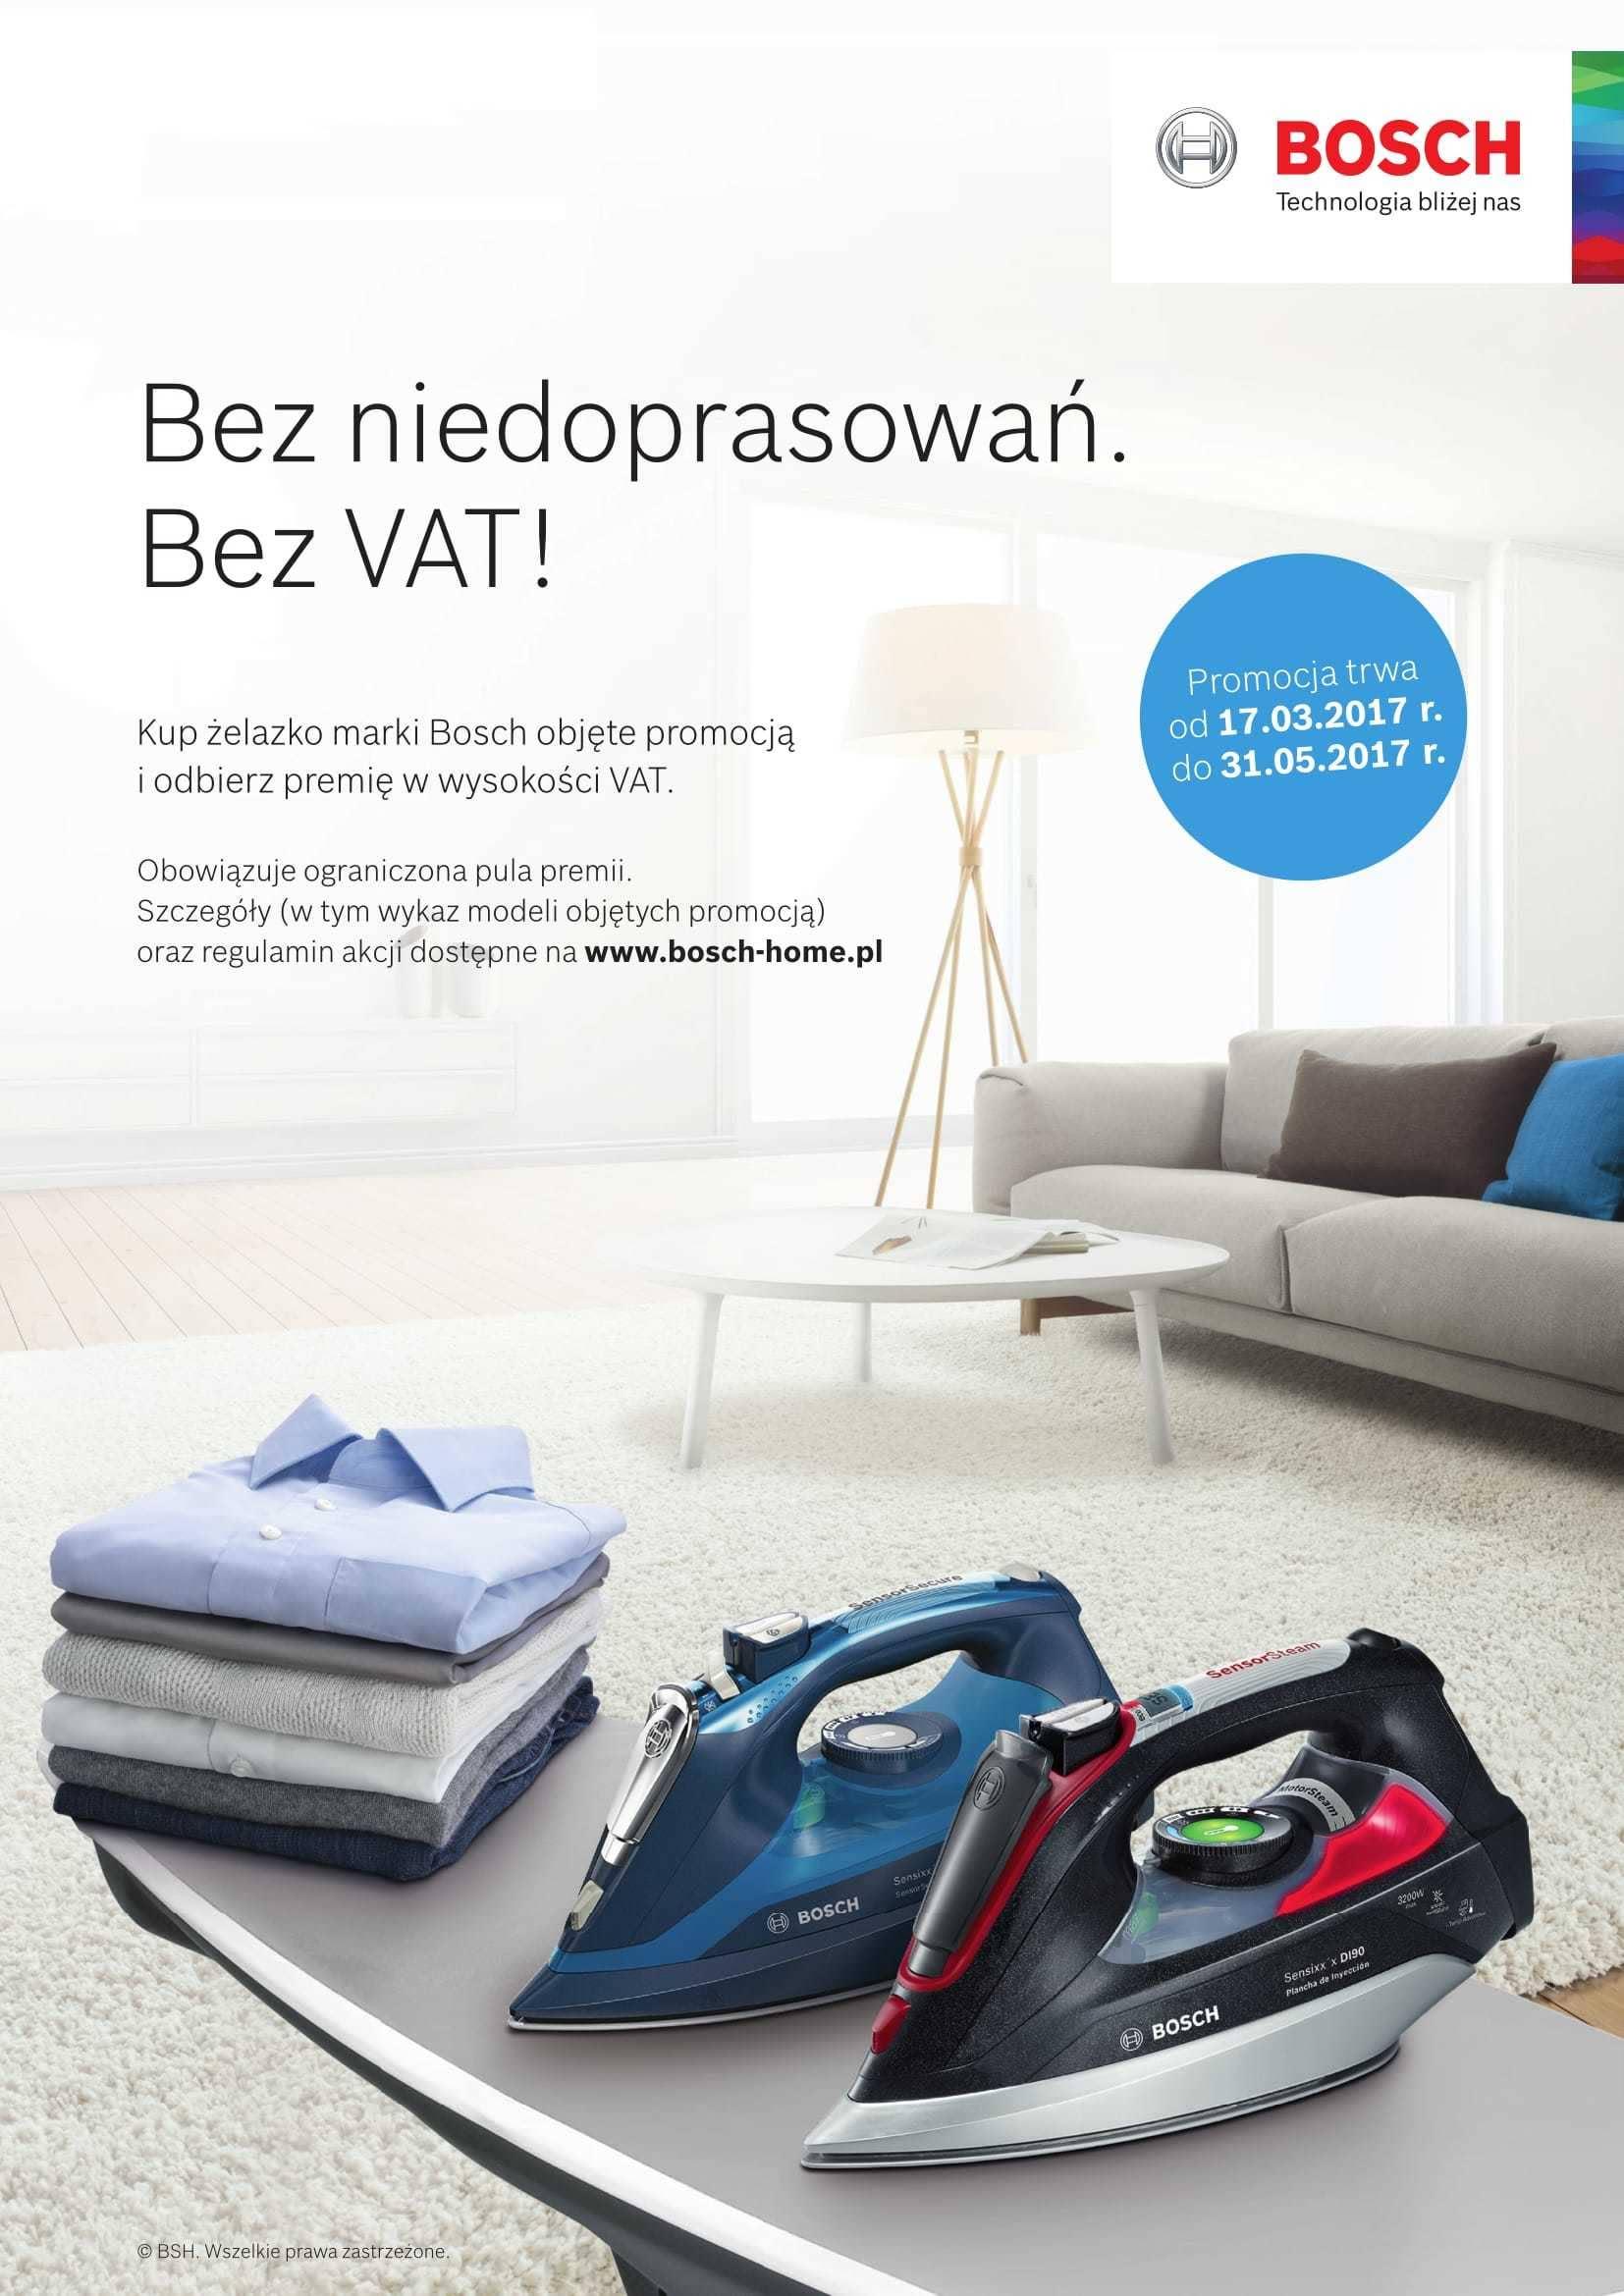 [CASHBACK] Zwrot podatku VAT przy zakupie wybranych żelazek @ Bosch